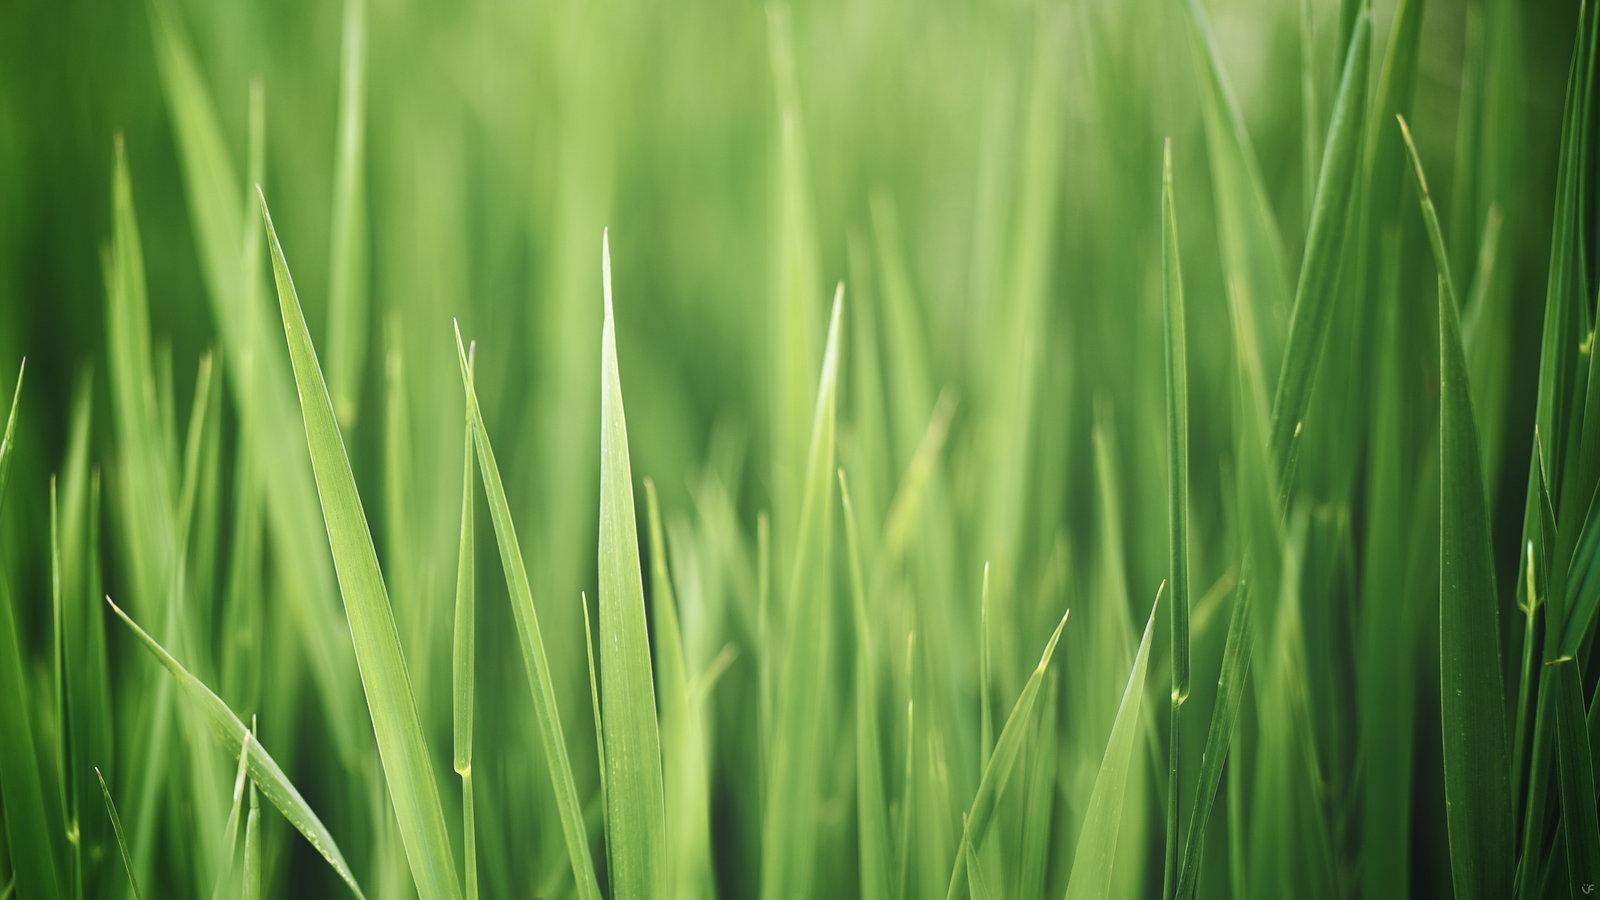 Apple Grass Ipad Wallpaper 1600x900